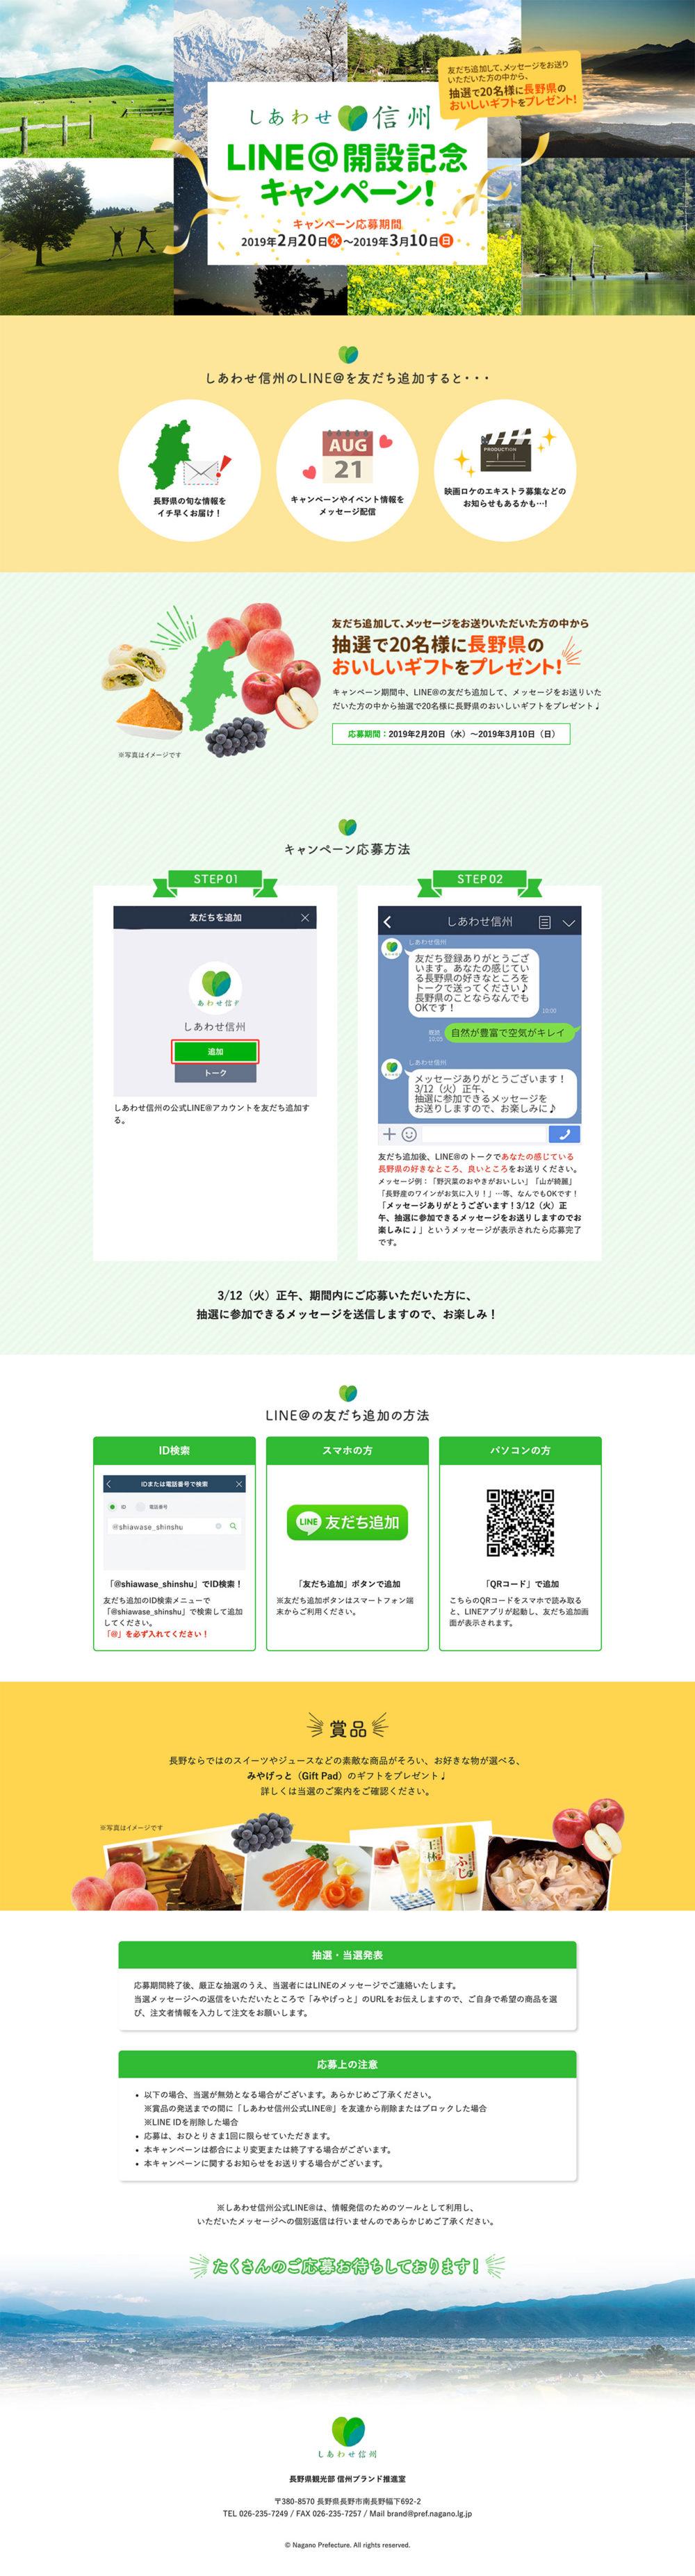 しあわせ信州LINE@開設記念キャンペーン